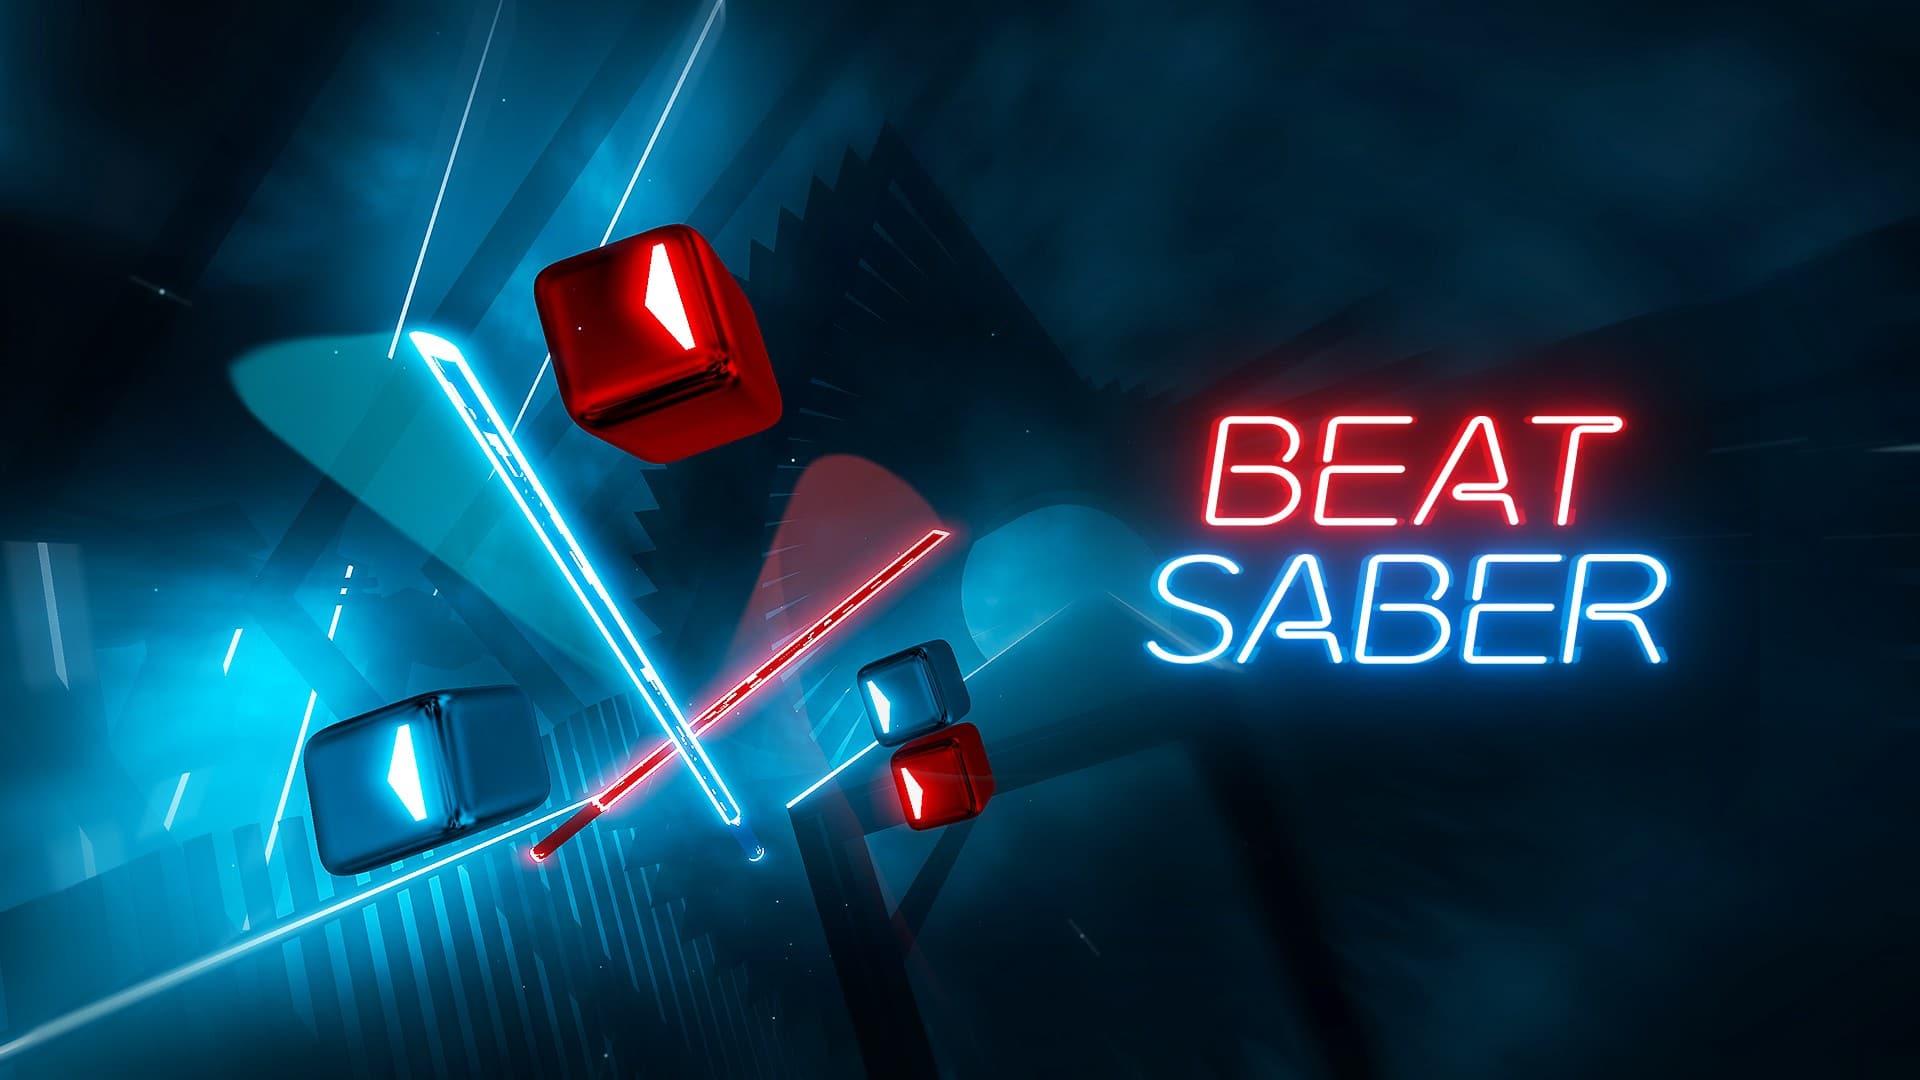 beat-saber vr